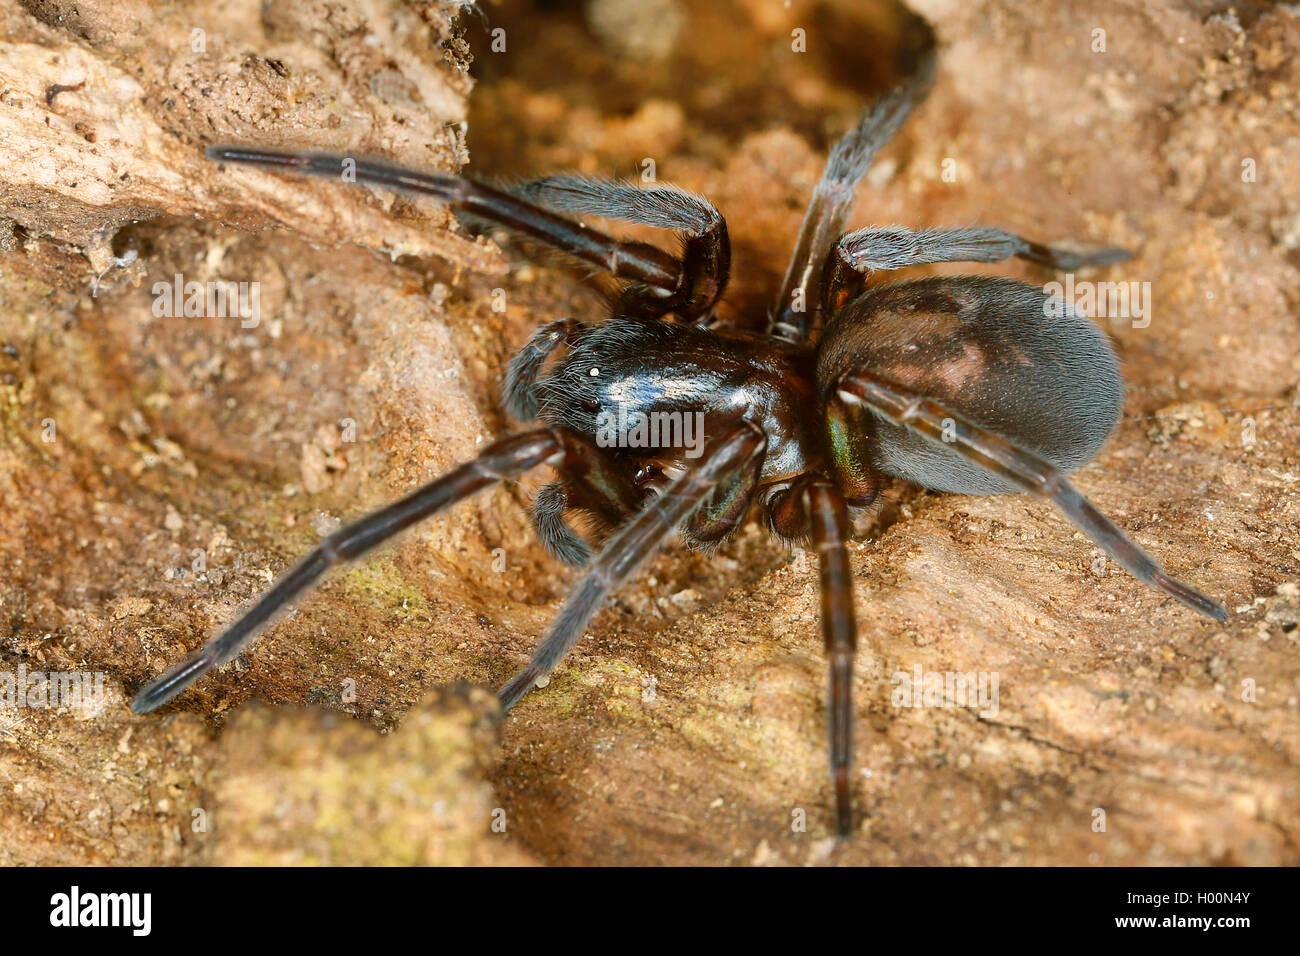 Finsterspinnen (Amaurobiidae), auf dem Boden, Oesterreich   white-eyed spiders (Amaurobiidae), on the ground, Austria - Stock Image